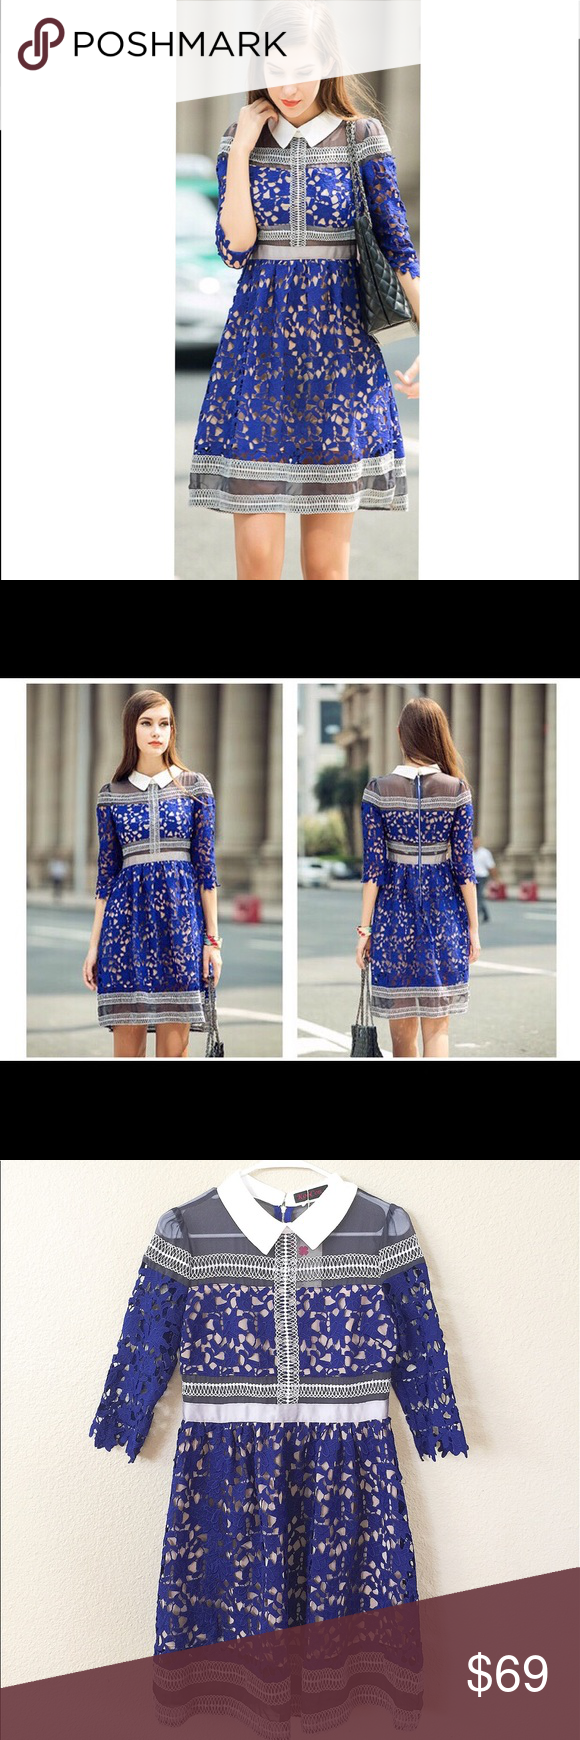 M boutique lace dress  NWT beautiful lace dress SZ M Boutique